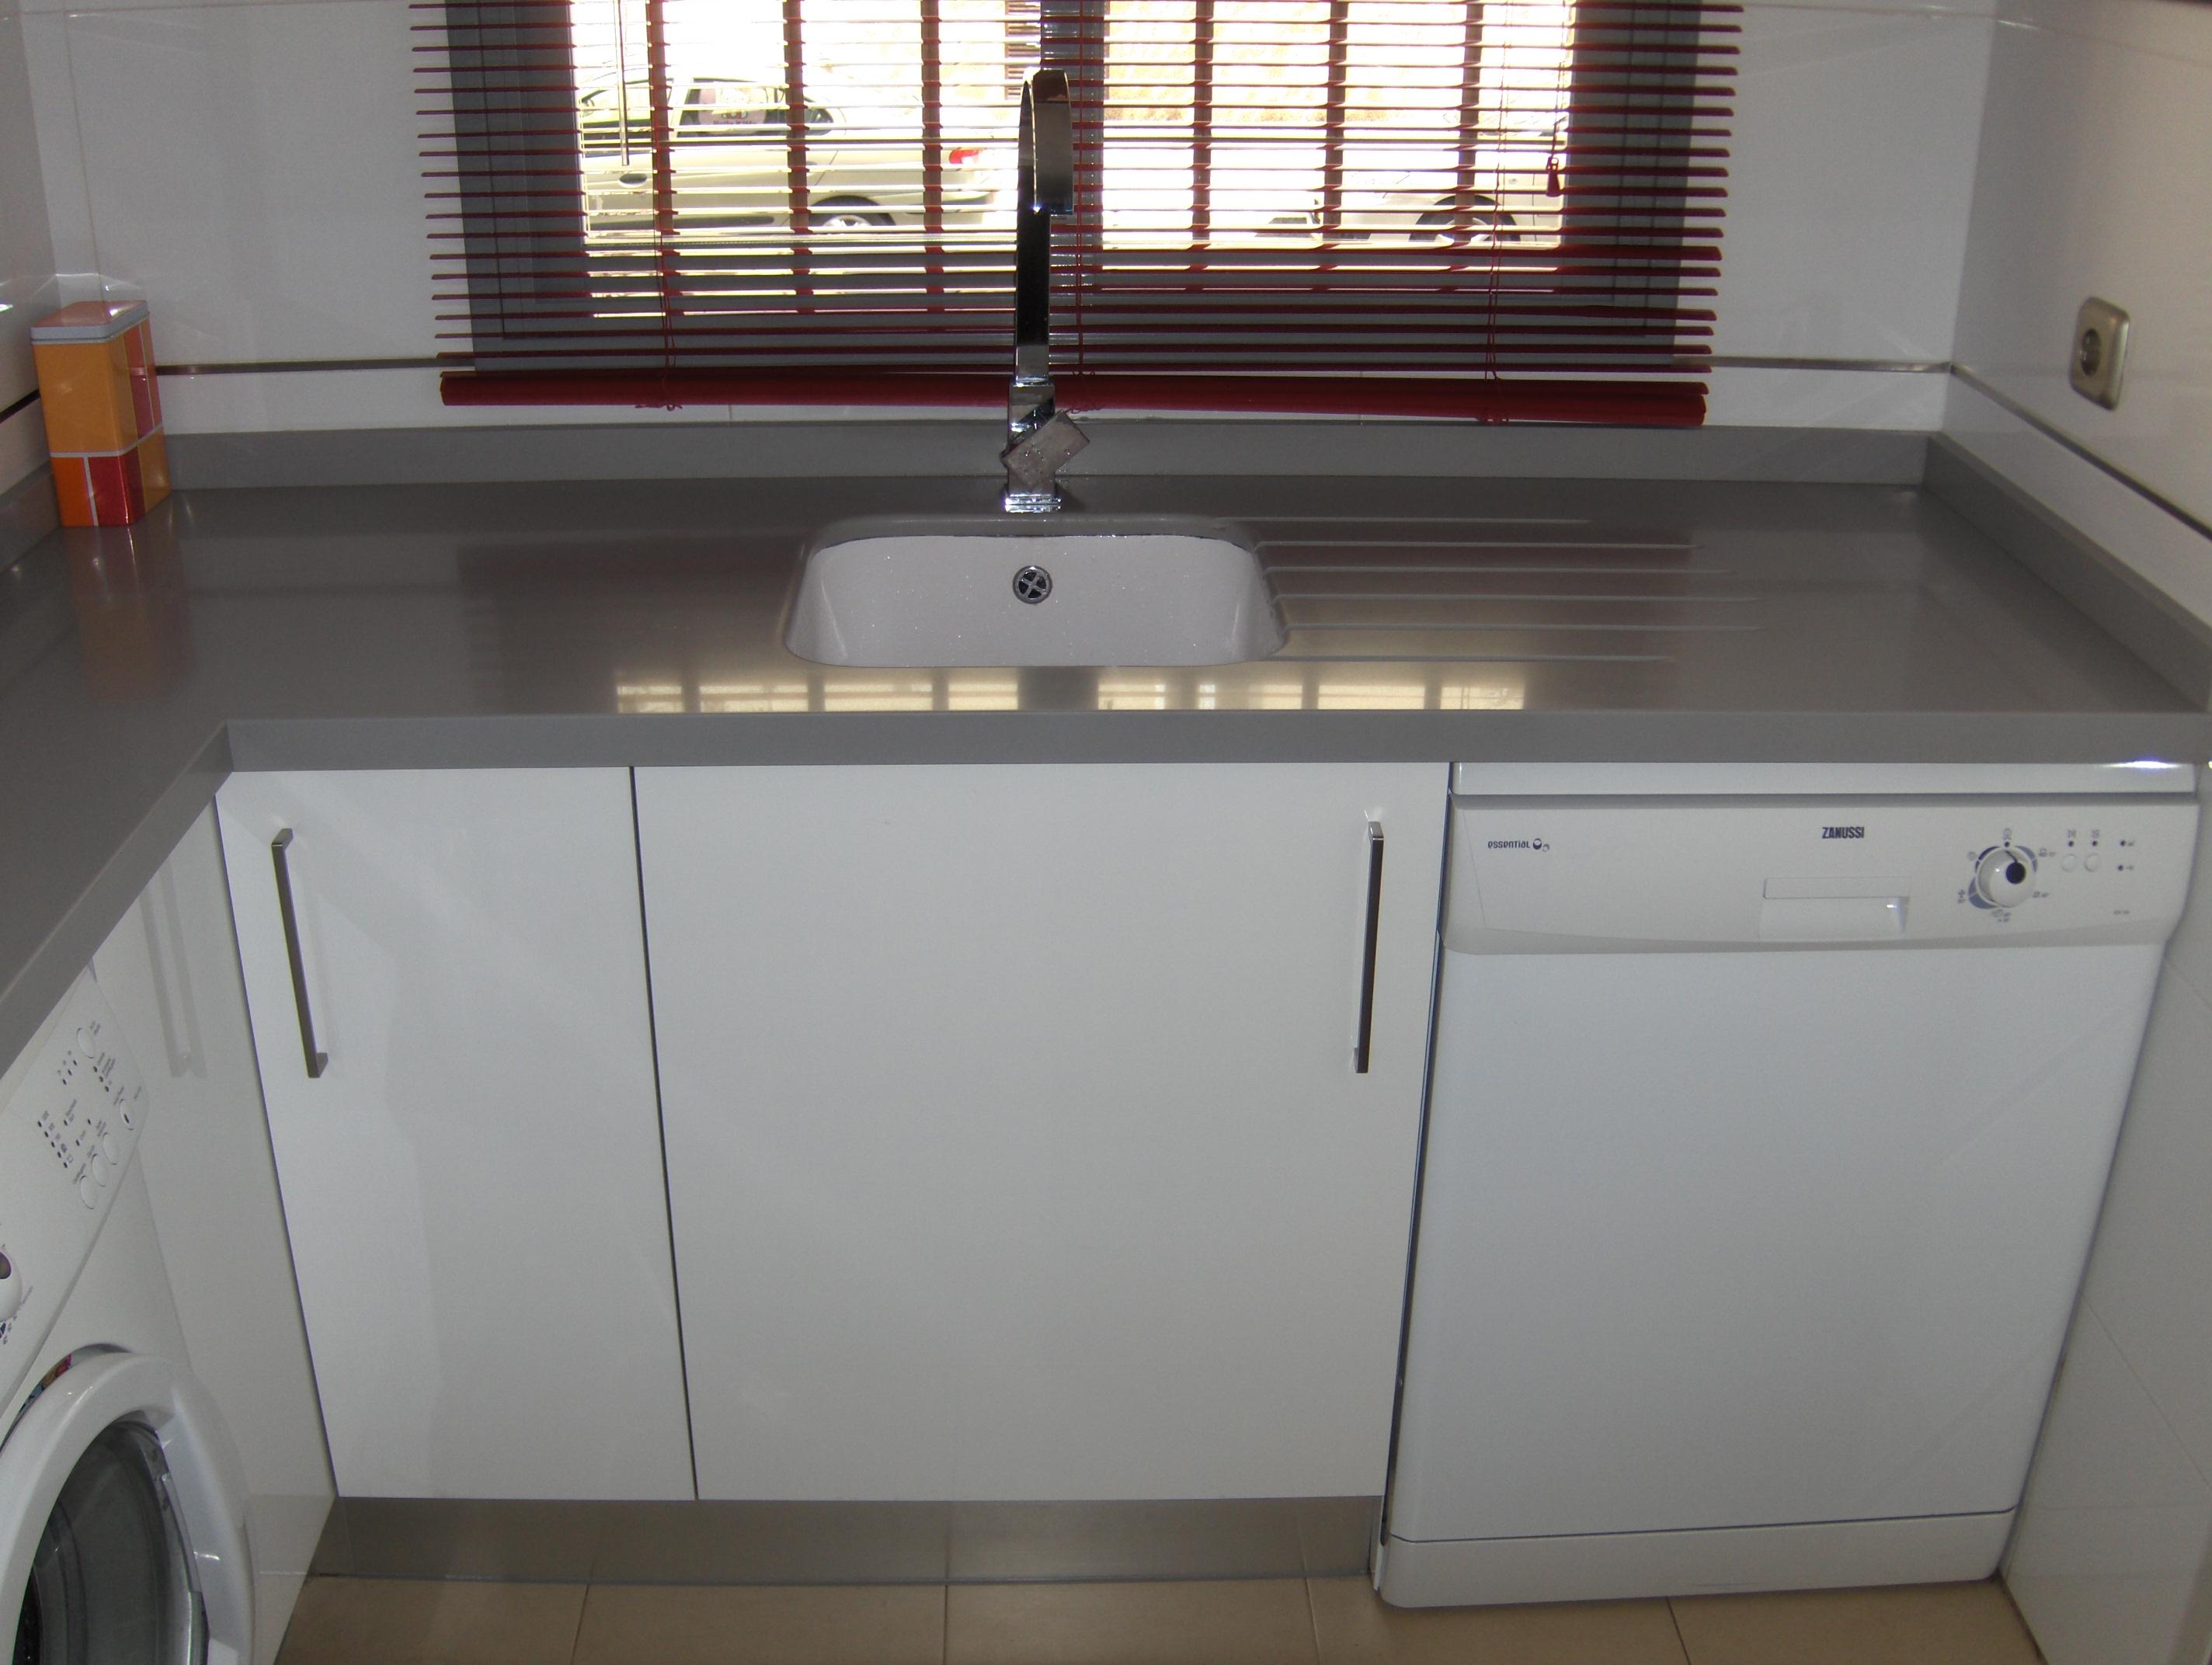 Cocina blanca encimera gris affordable cocina blanca - Cocina blanca encimera blanca ...